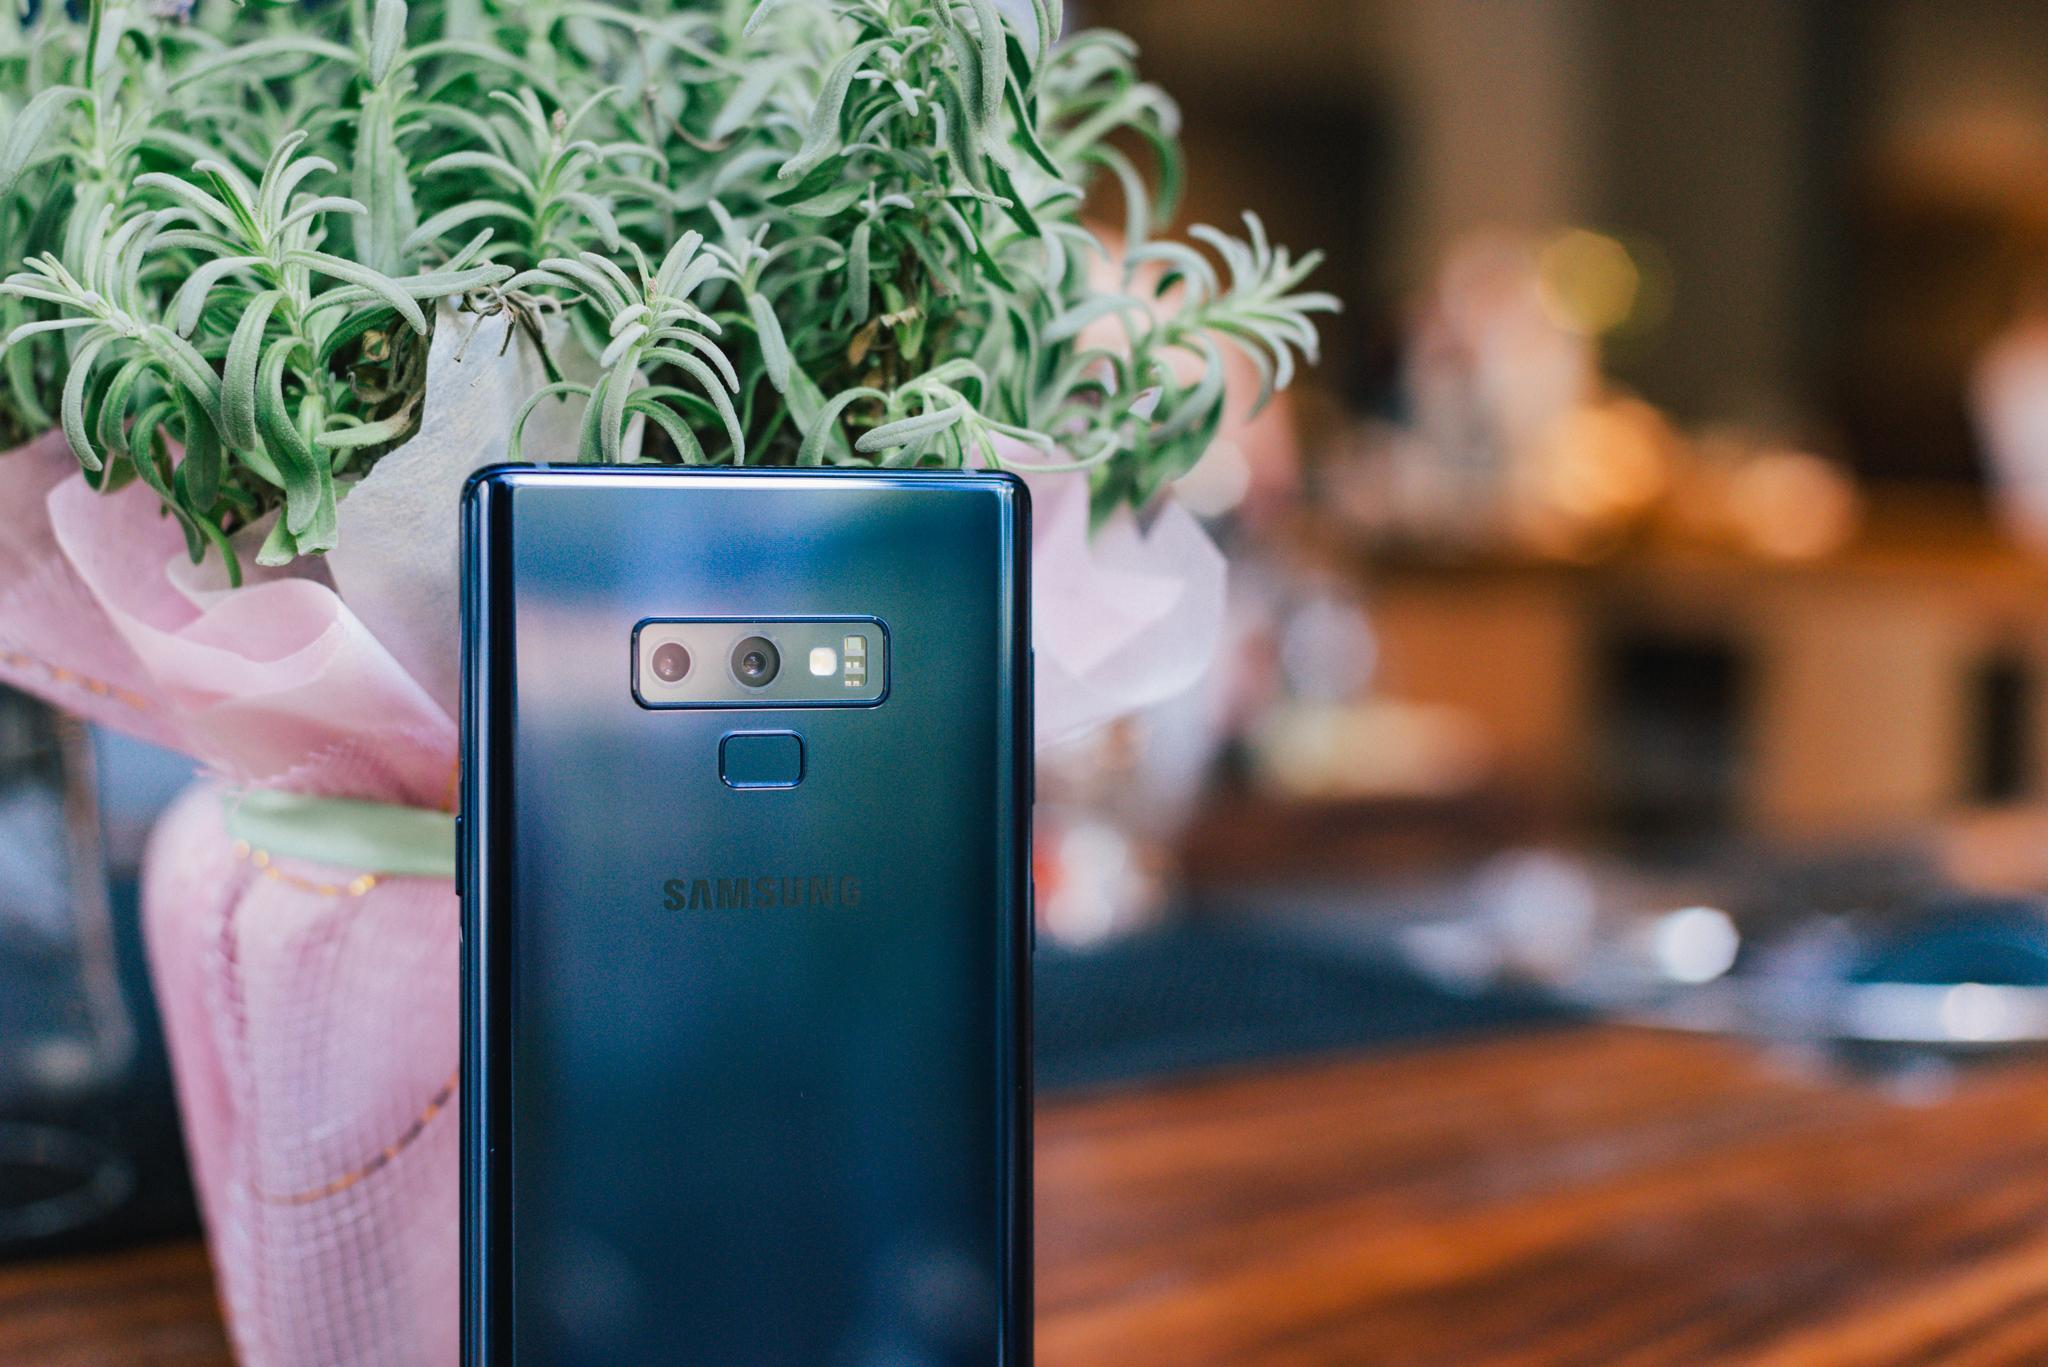 Không biết chụp ảnh cũng chẳng sao, Galaxy Note9 quá thông minh để giúp bạn